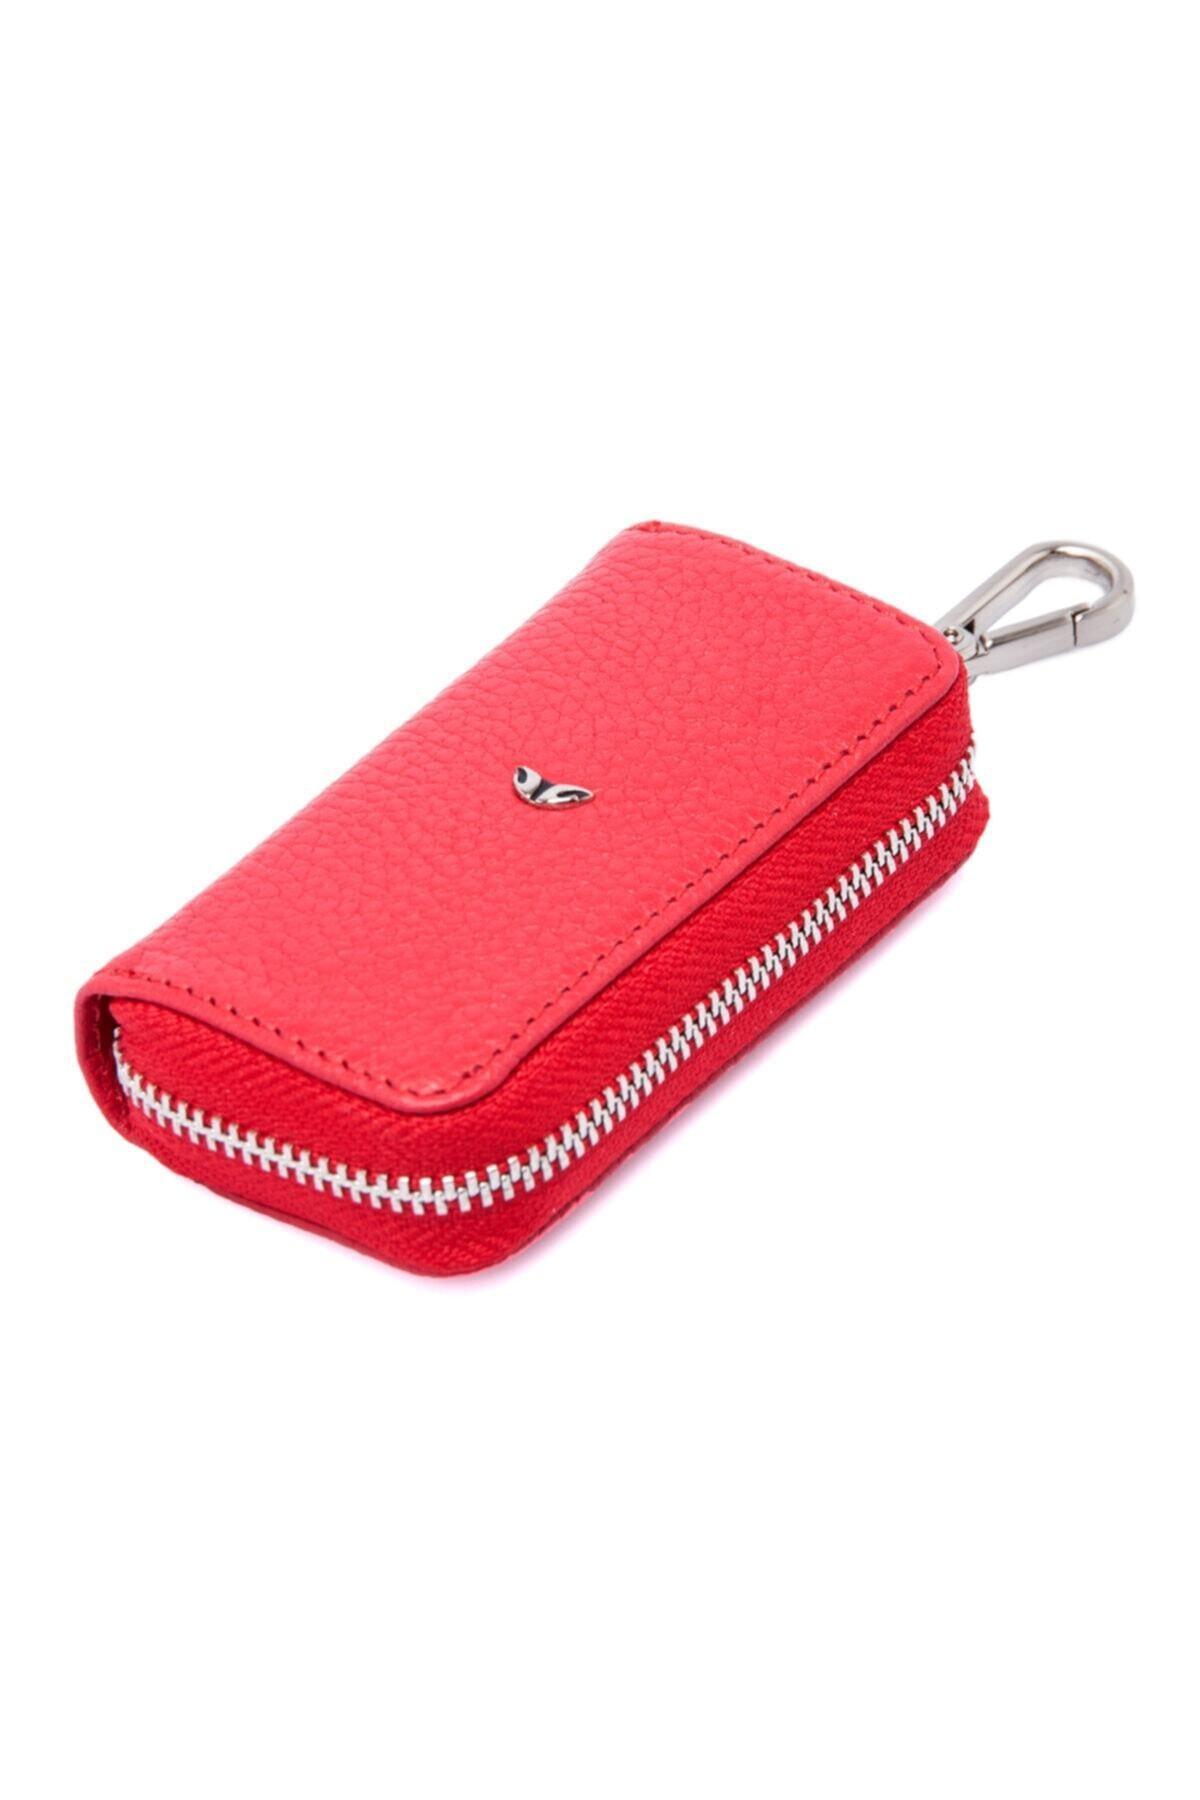 Tergan Kırmızı Deri Unisex Anahtarlık 00257b8ı 1